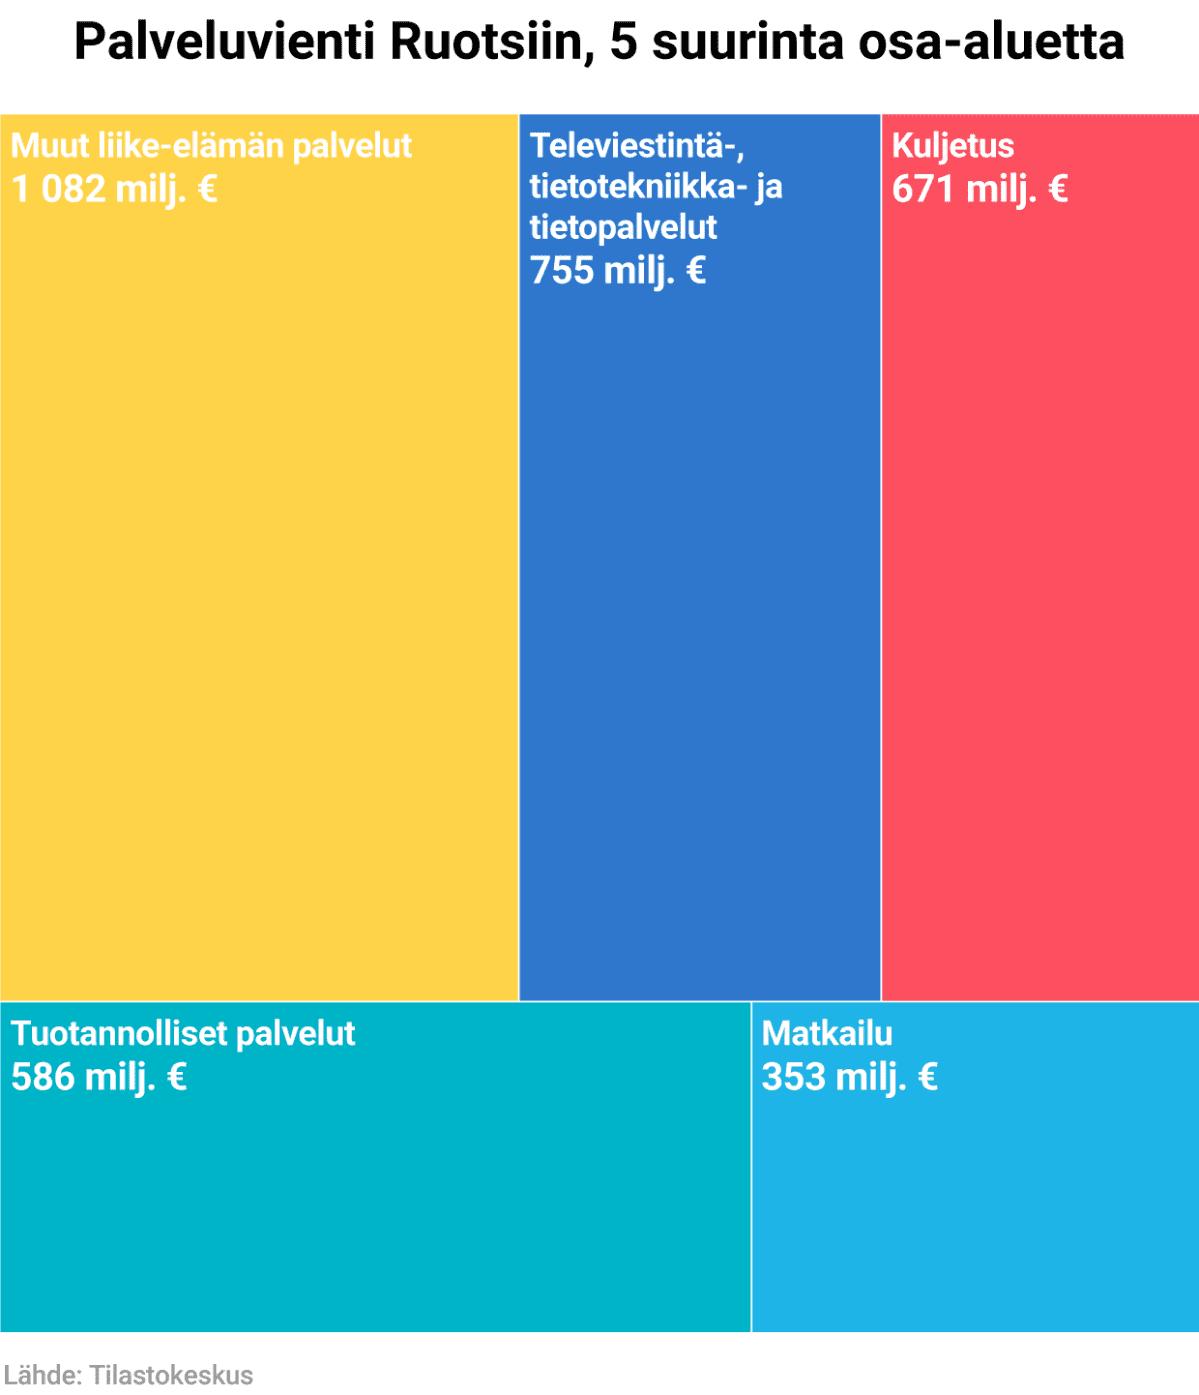 Palveluvienti Ruotsiin, 5 suurinta osa-aluetta